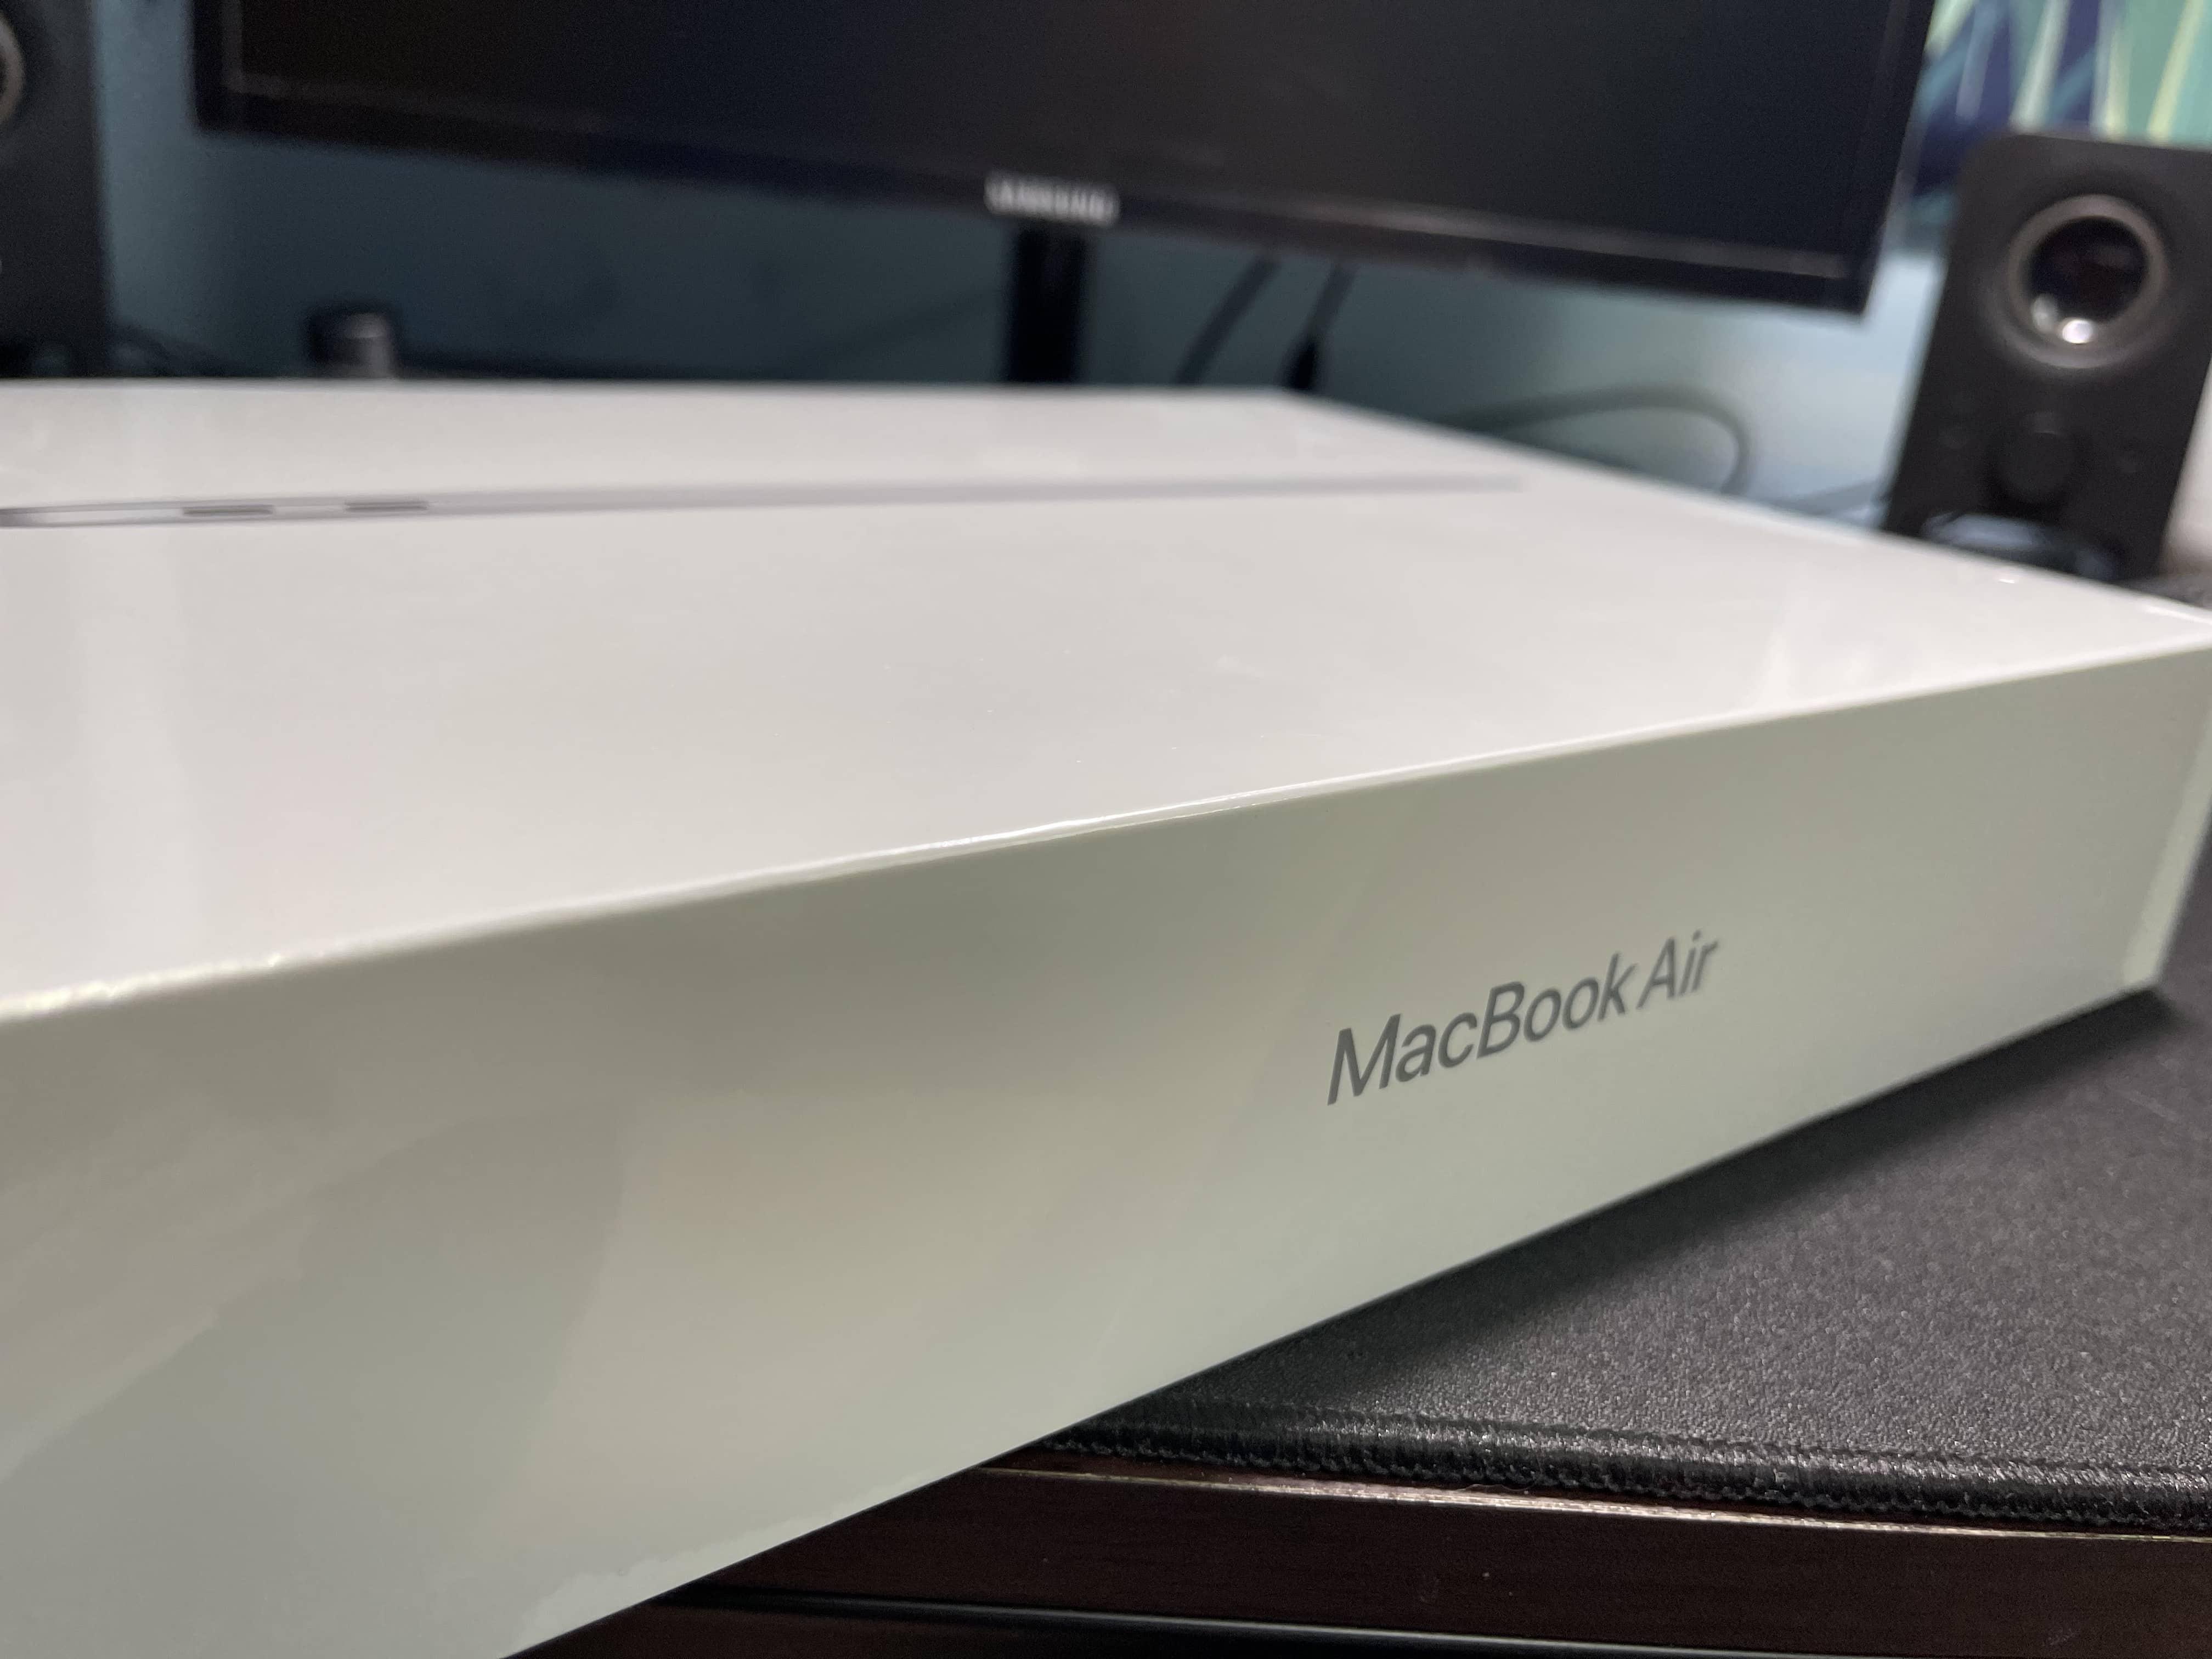 開箱評測 2020 Macbook Air M1 M1 CPU的暴力美學 無風扇設計超安靜 11